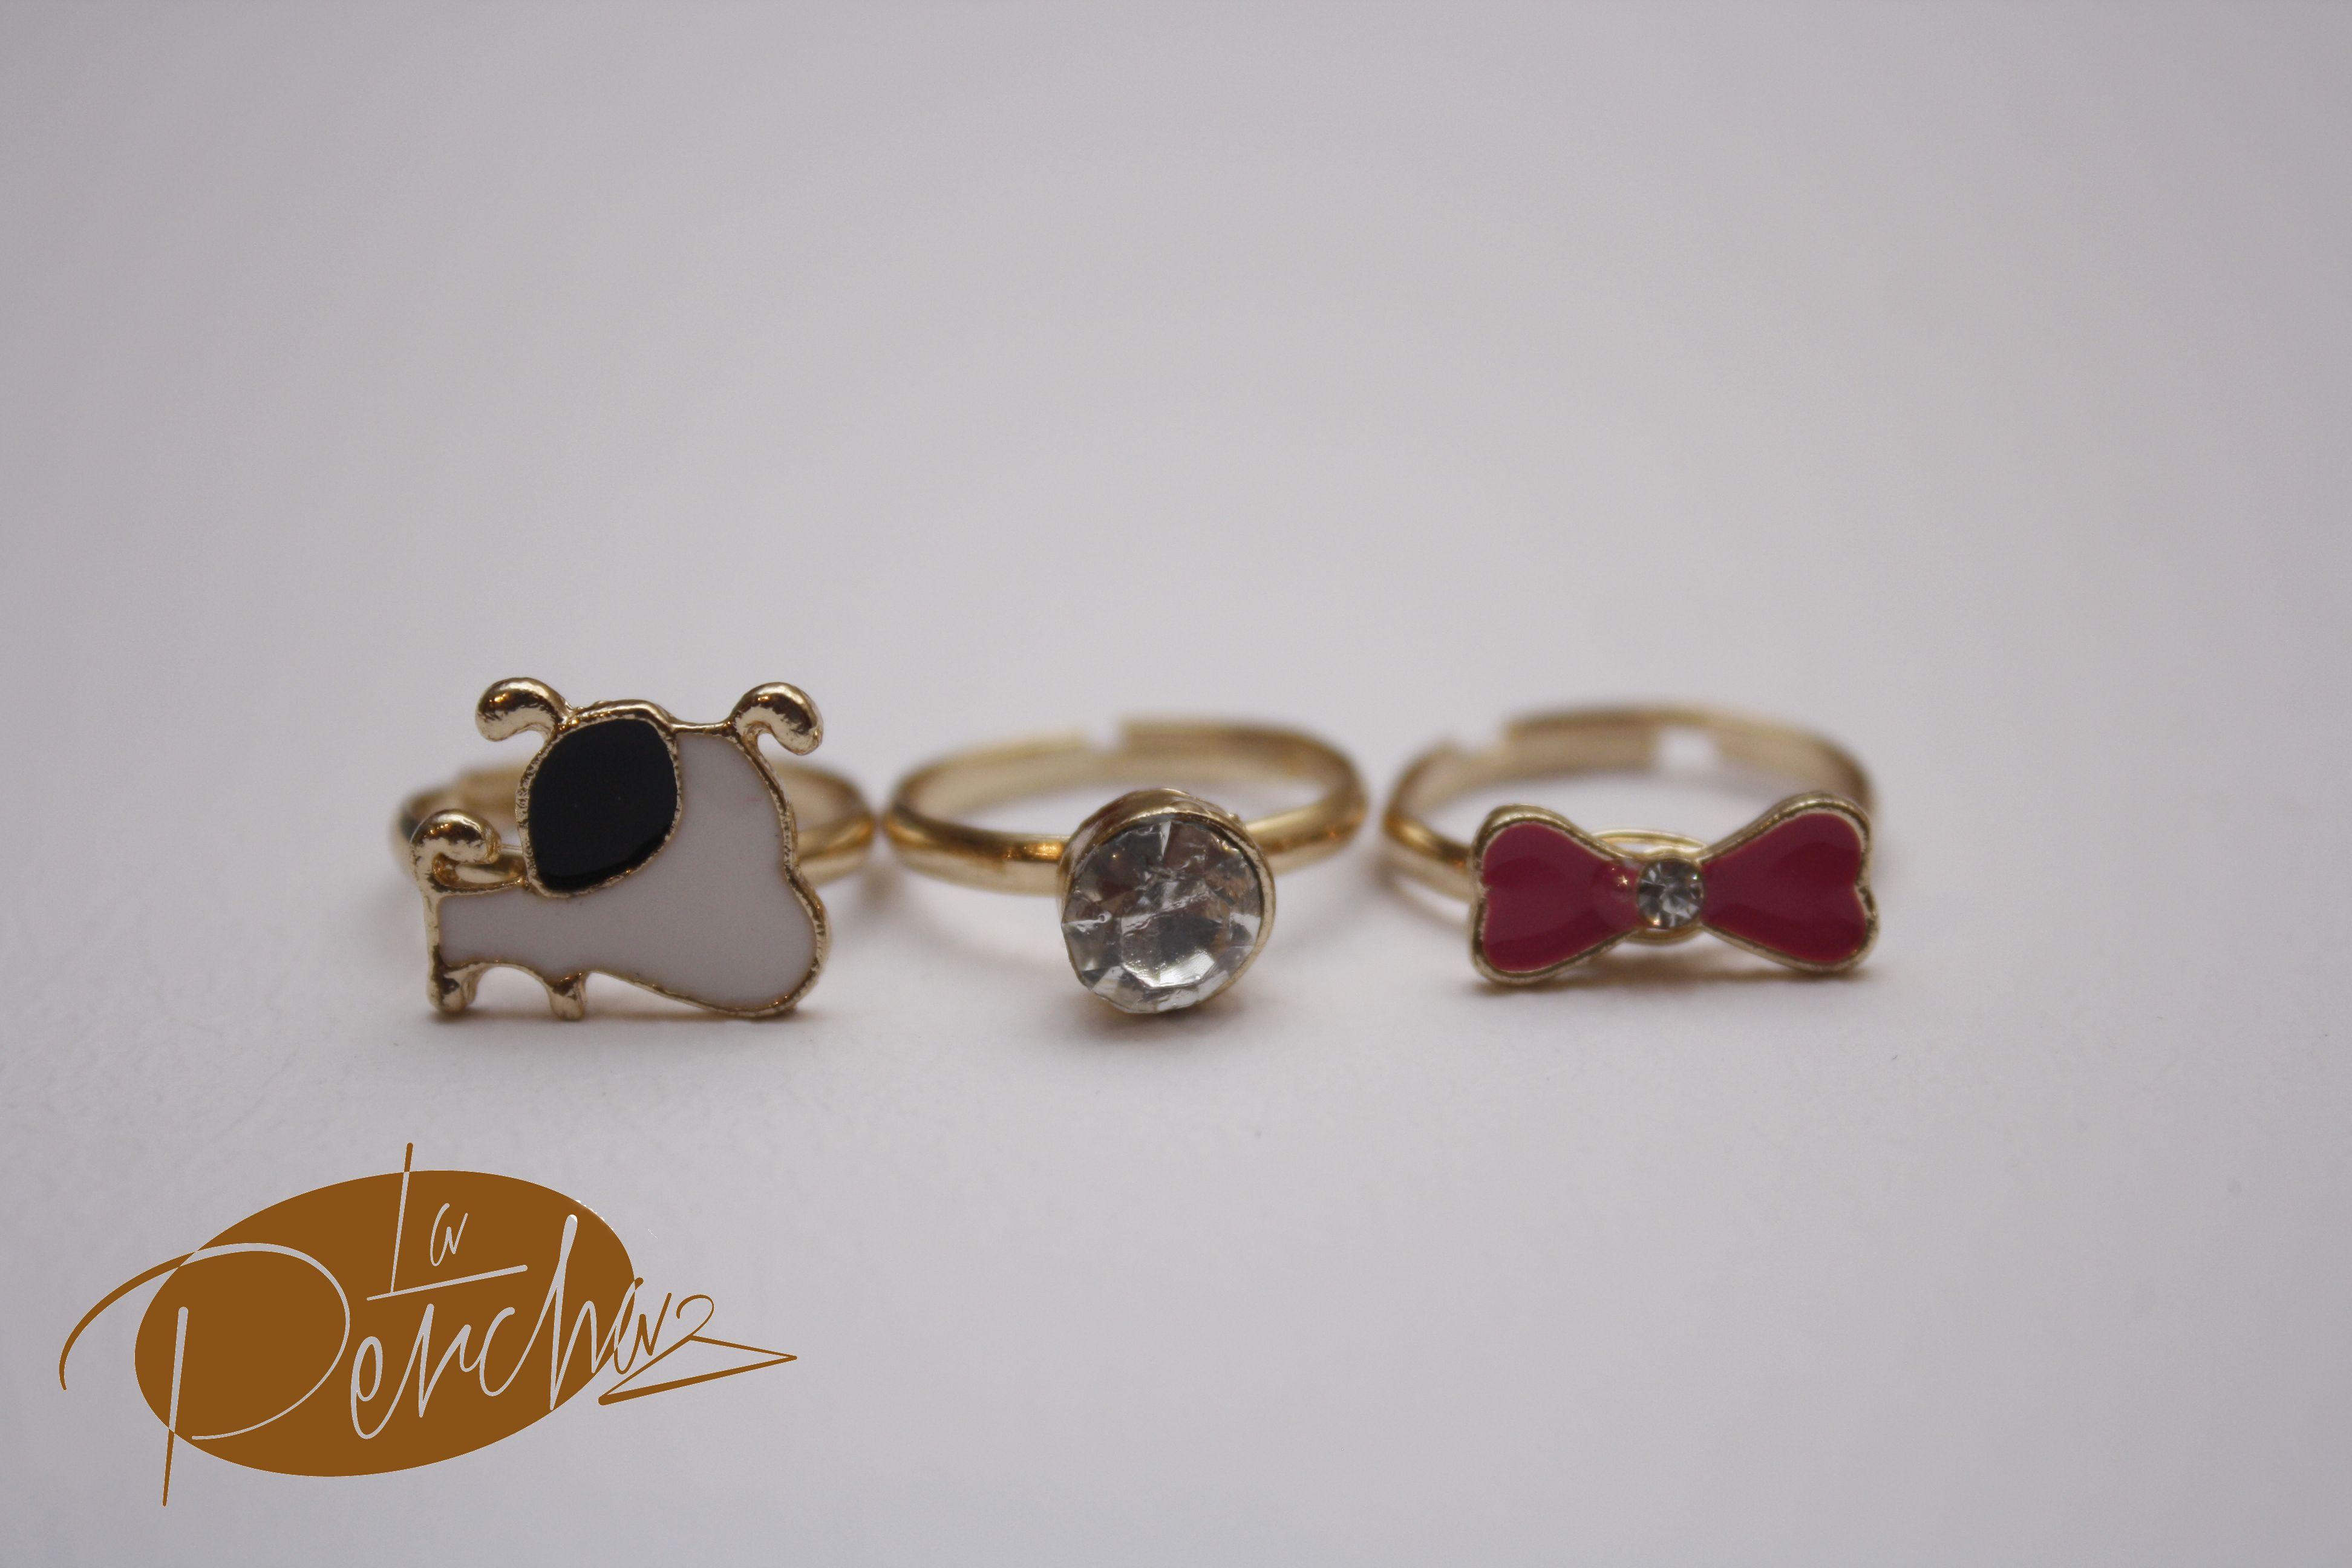 La Percha Anillo Ring Layered Bows Perro Dog Accesorios de Mujer Fashion Moda Bisuería Jewelry